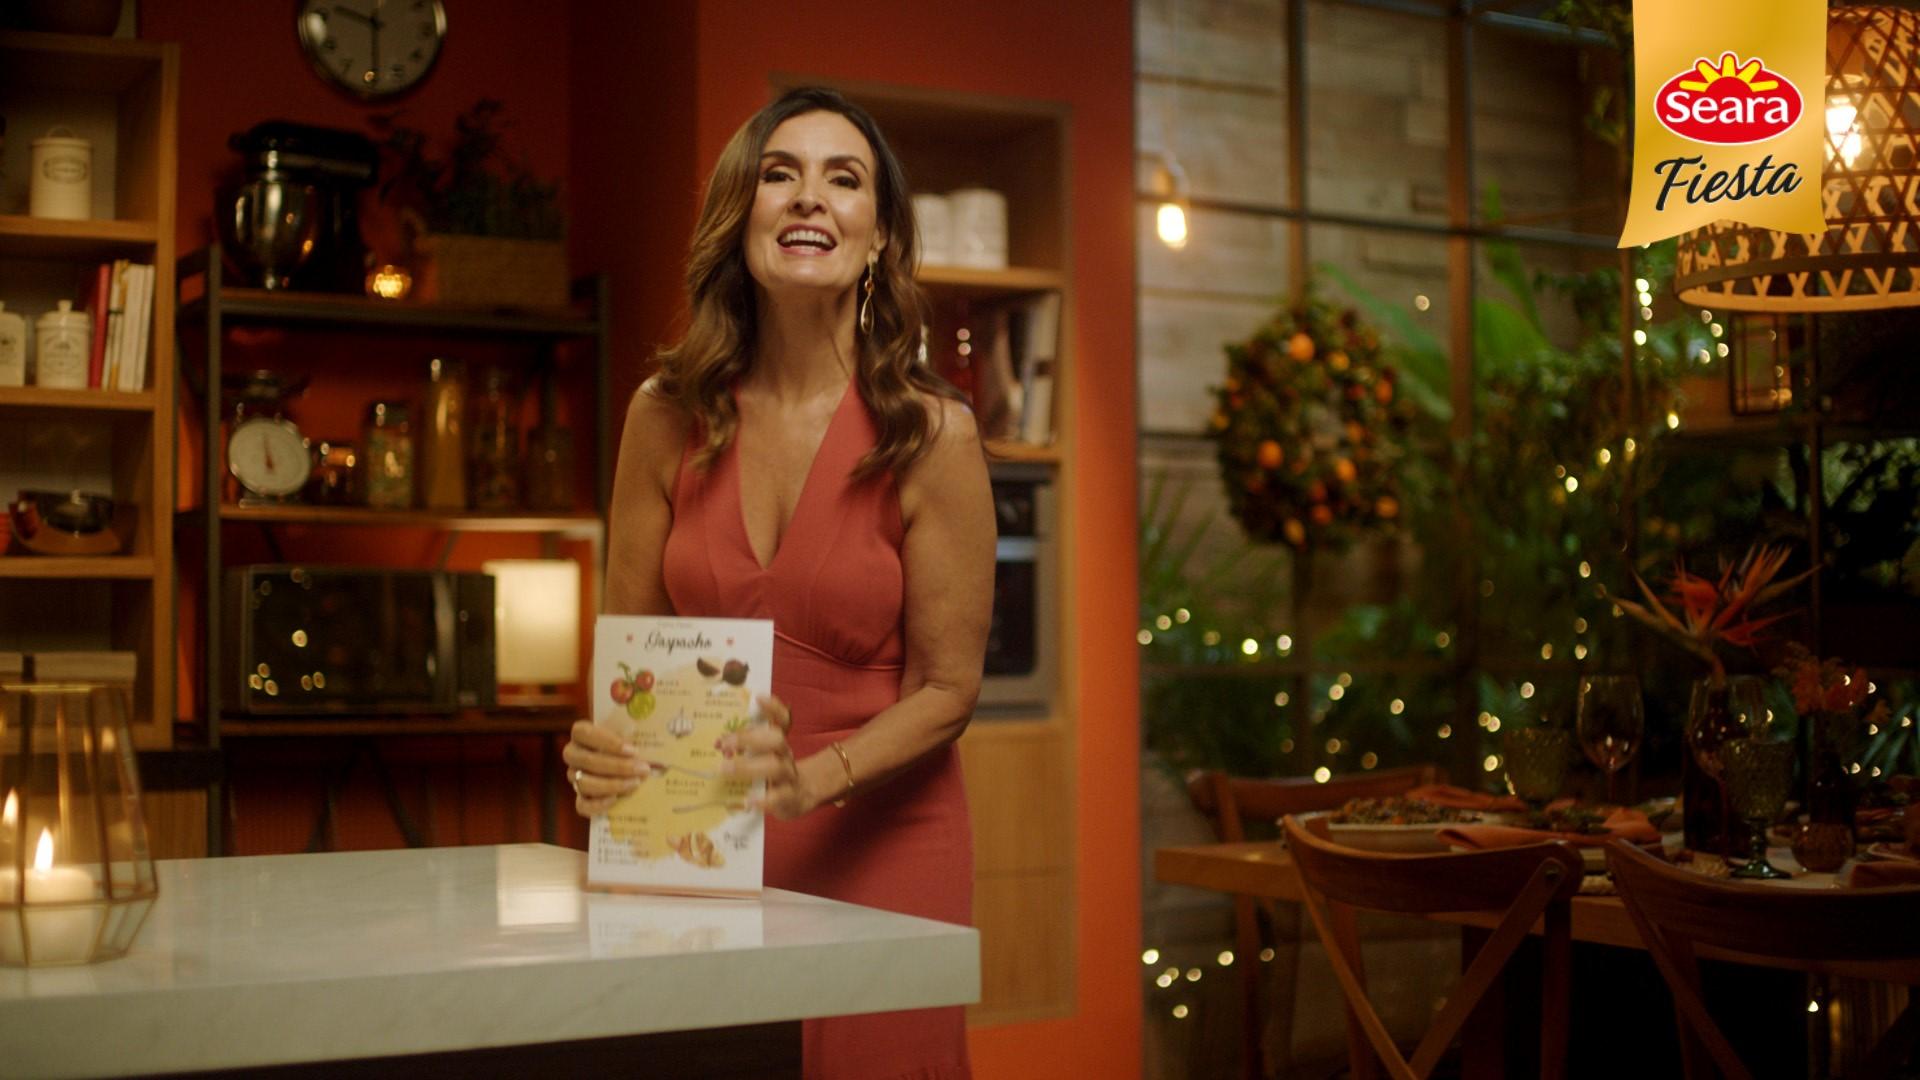 Na imagem, Fátima Bernardes aparece em um ambiente natalino.